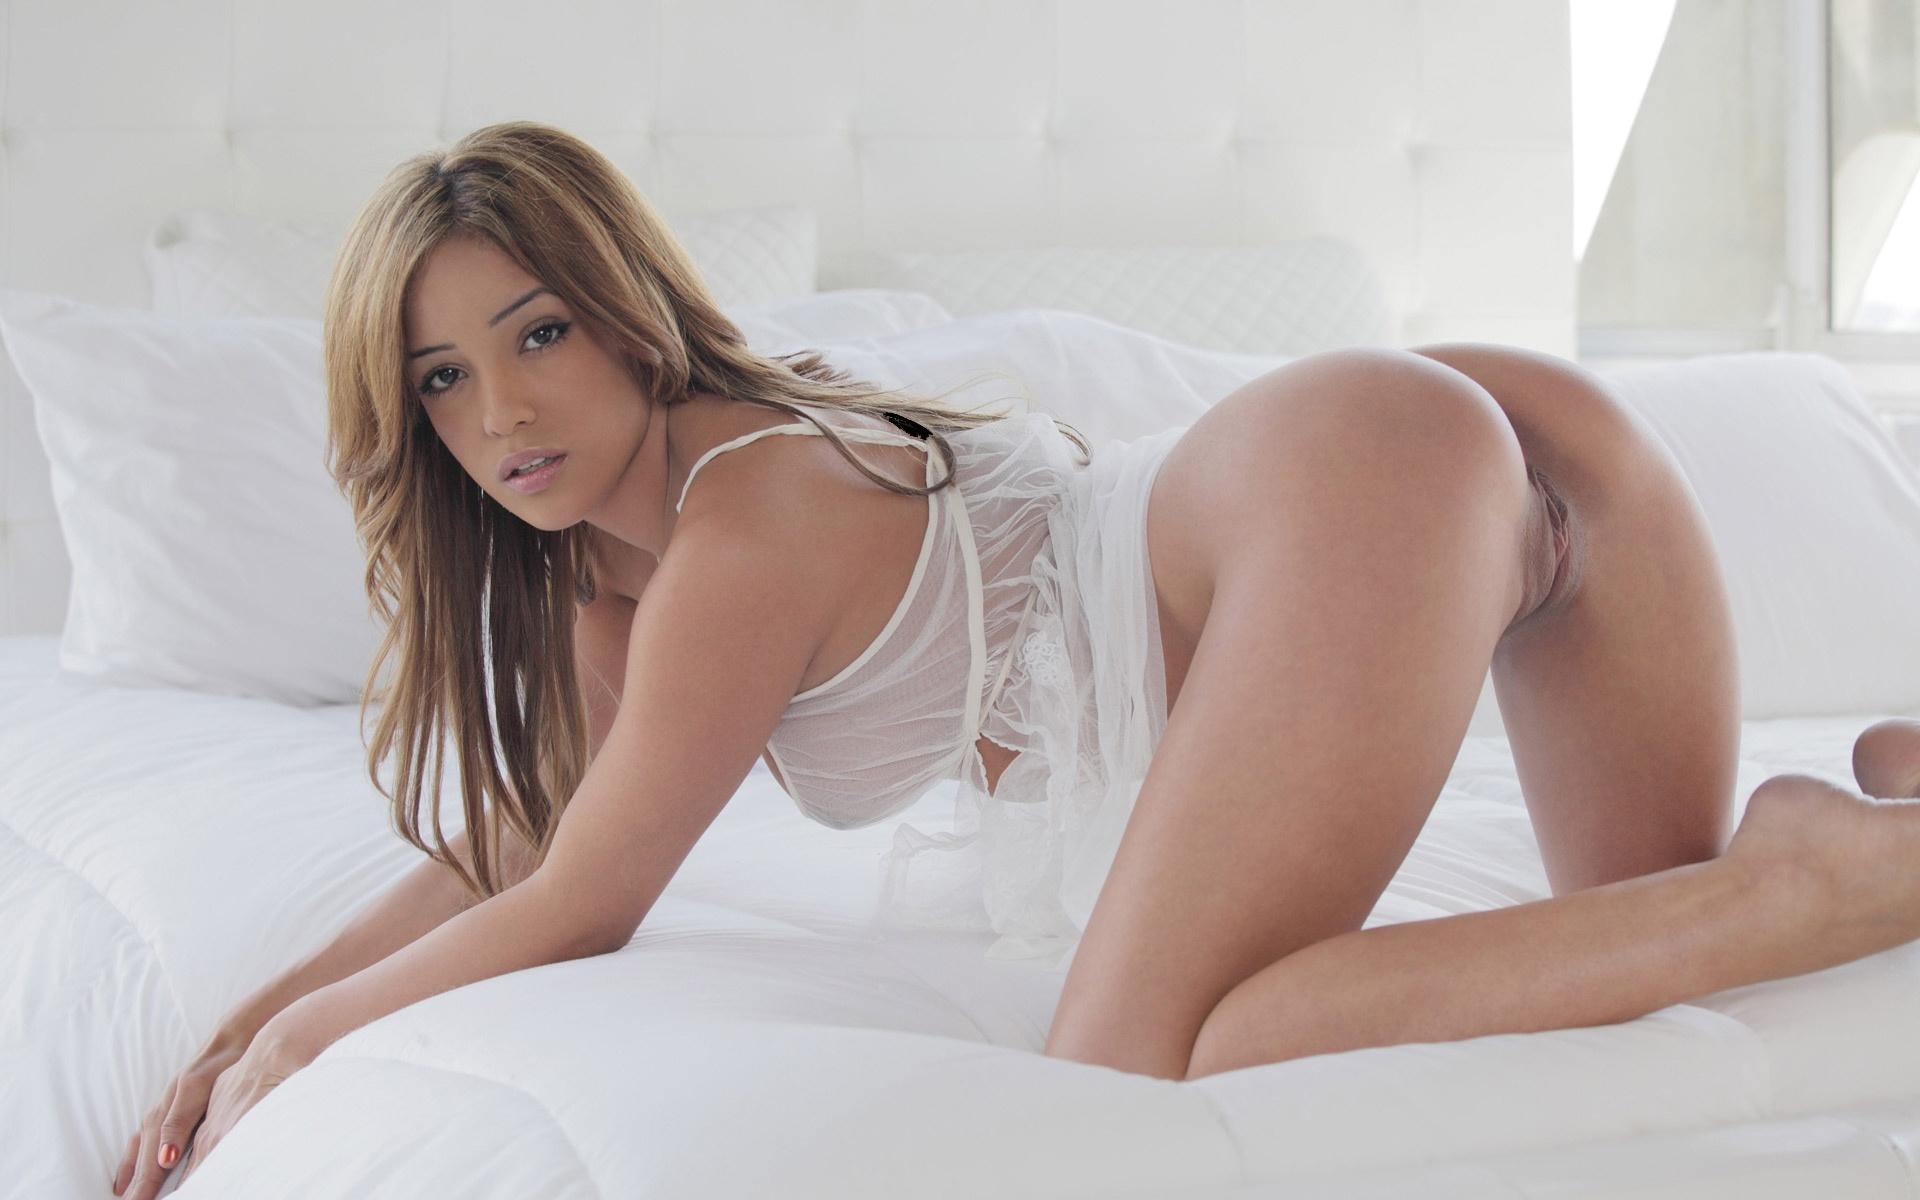 sexiest pornstar ever